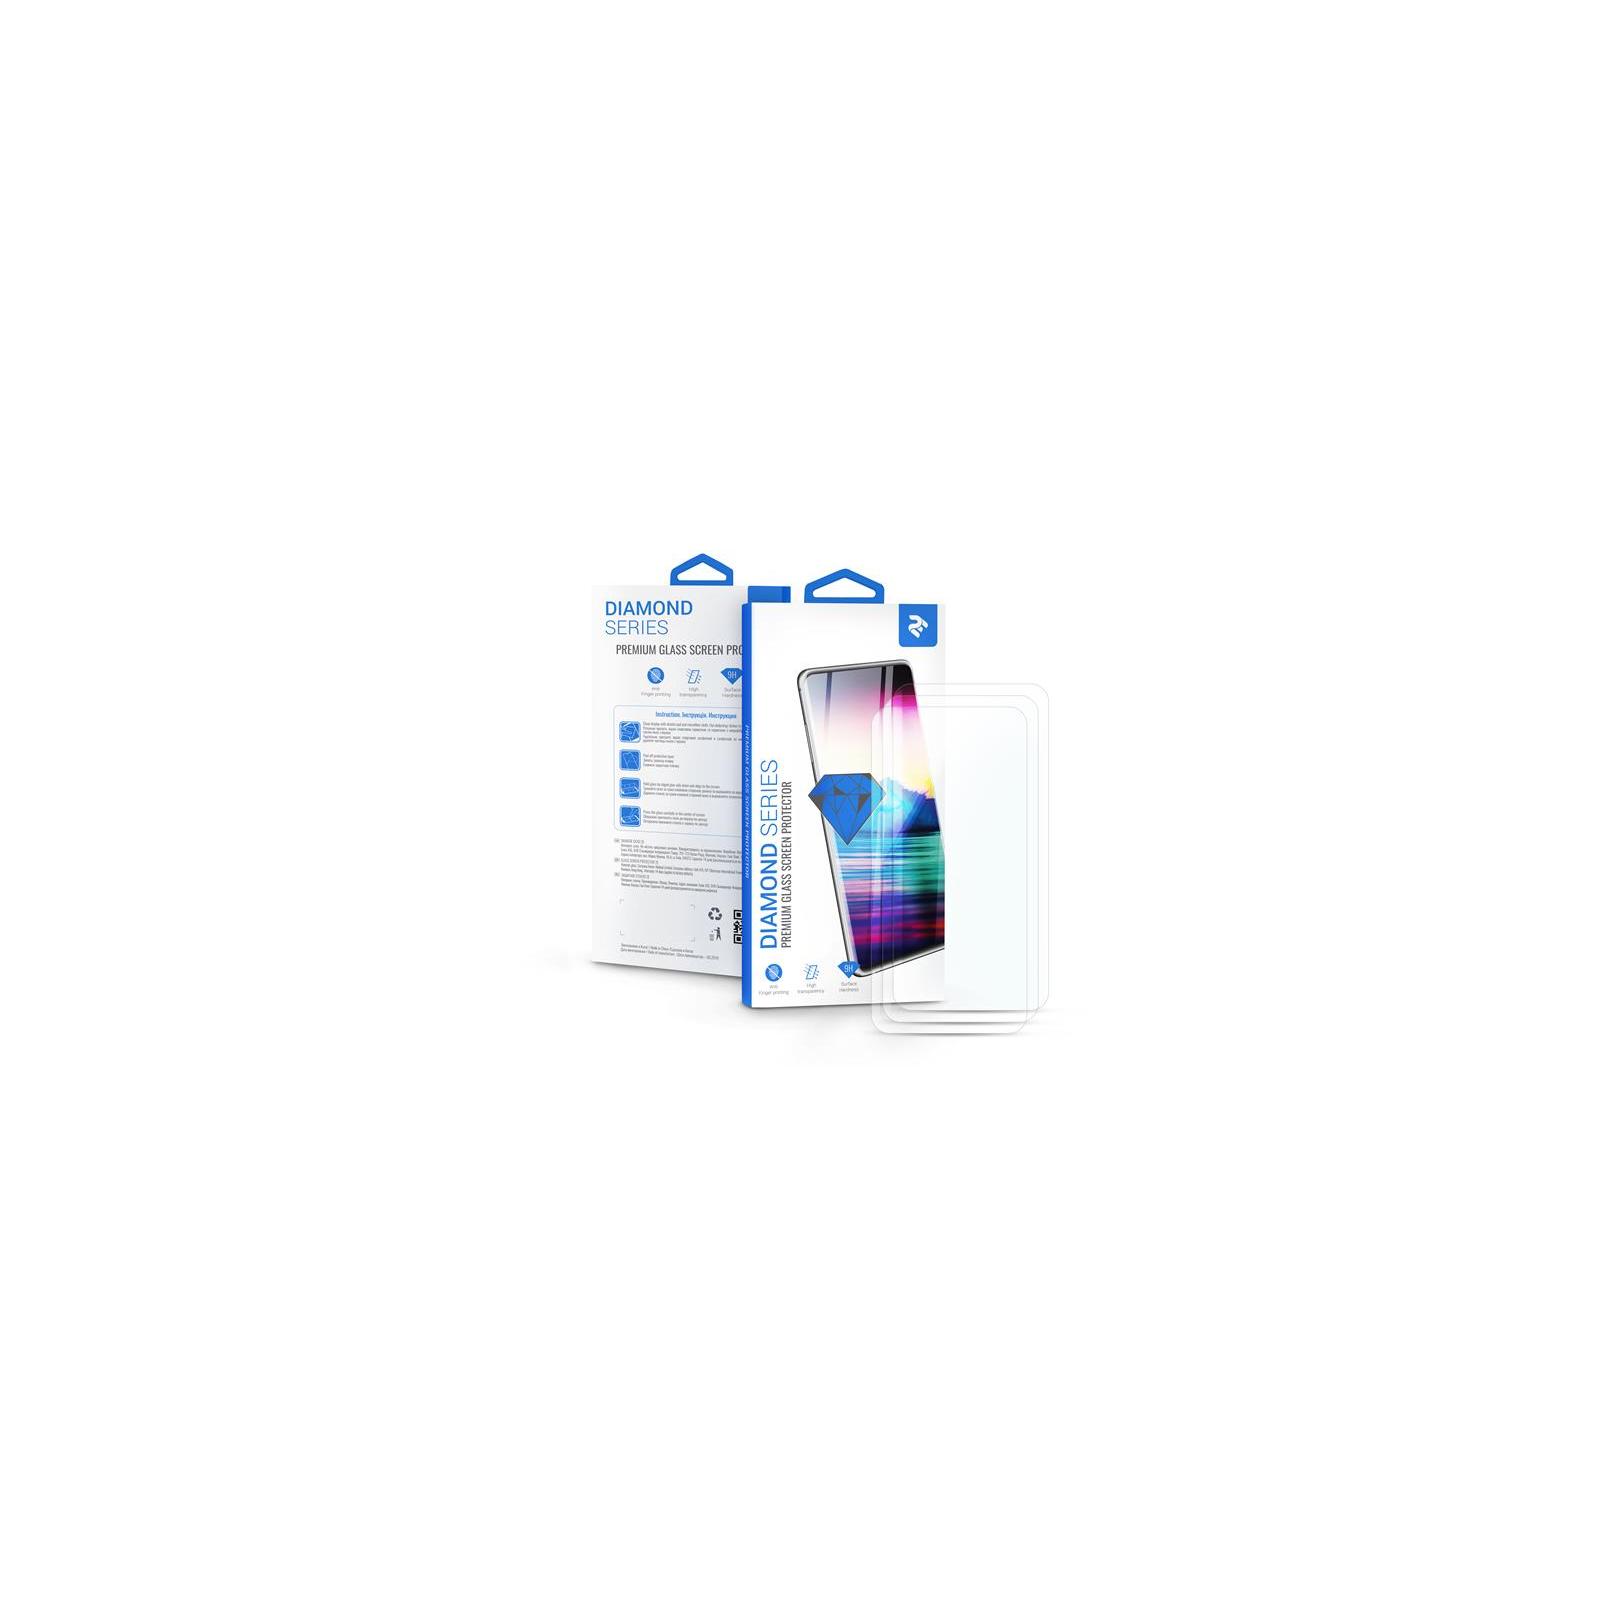 Стекло защитное 2E для Xiaomi Redmi Note 8 , 2.5D, Clear (3in1) (2E-MI-N8-LT2.5D-CL-3IN1)